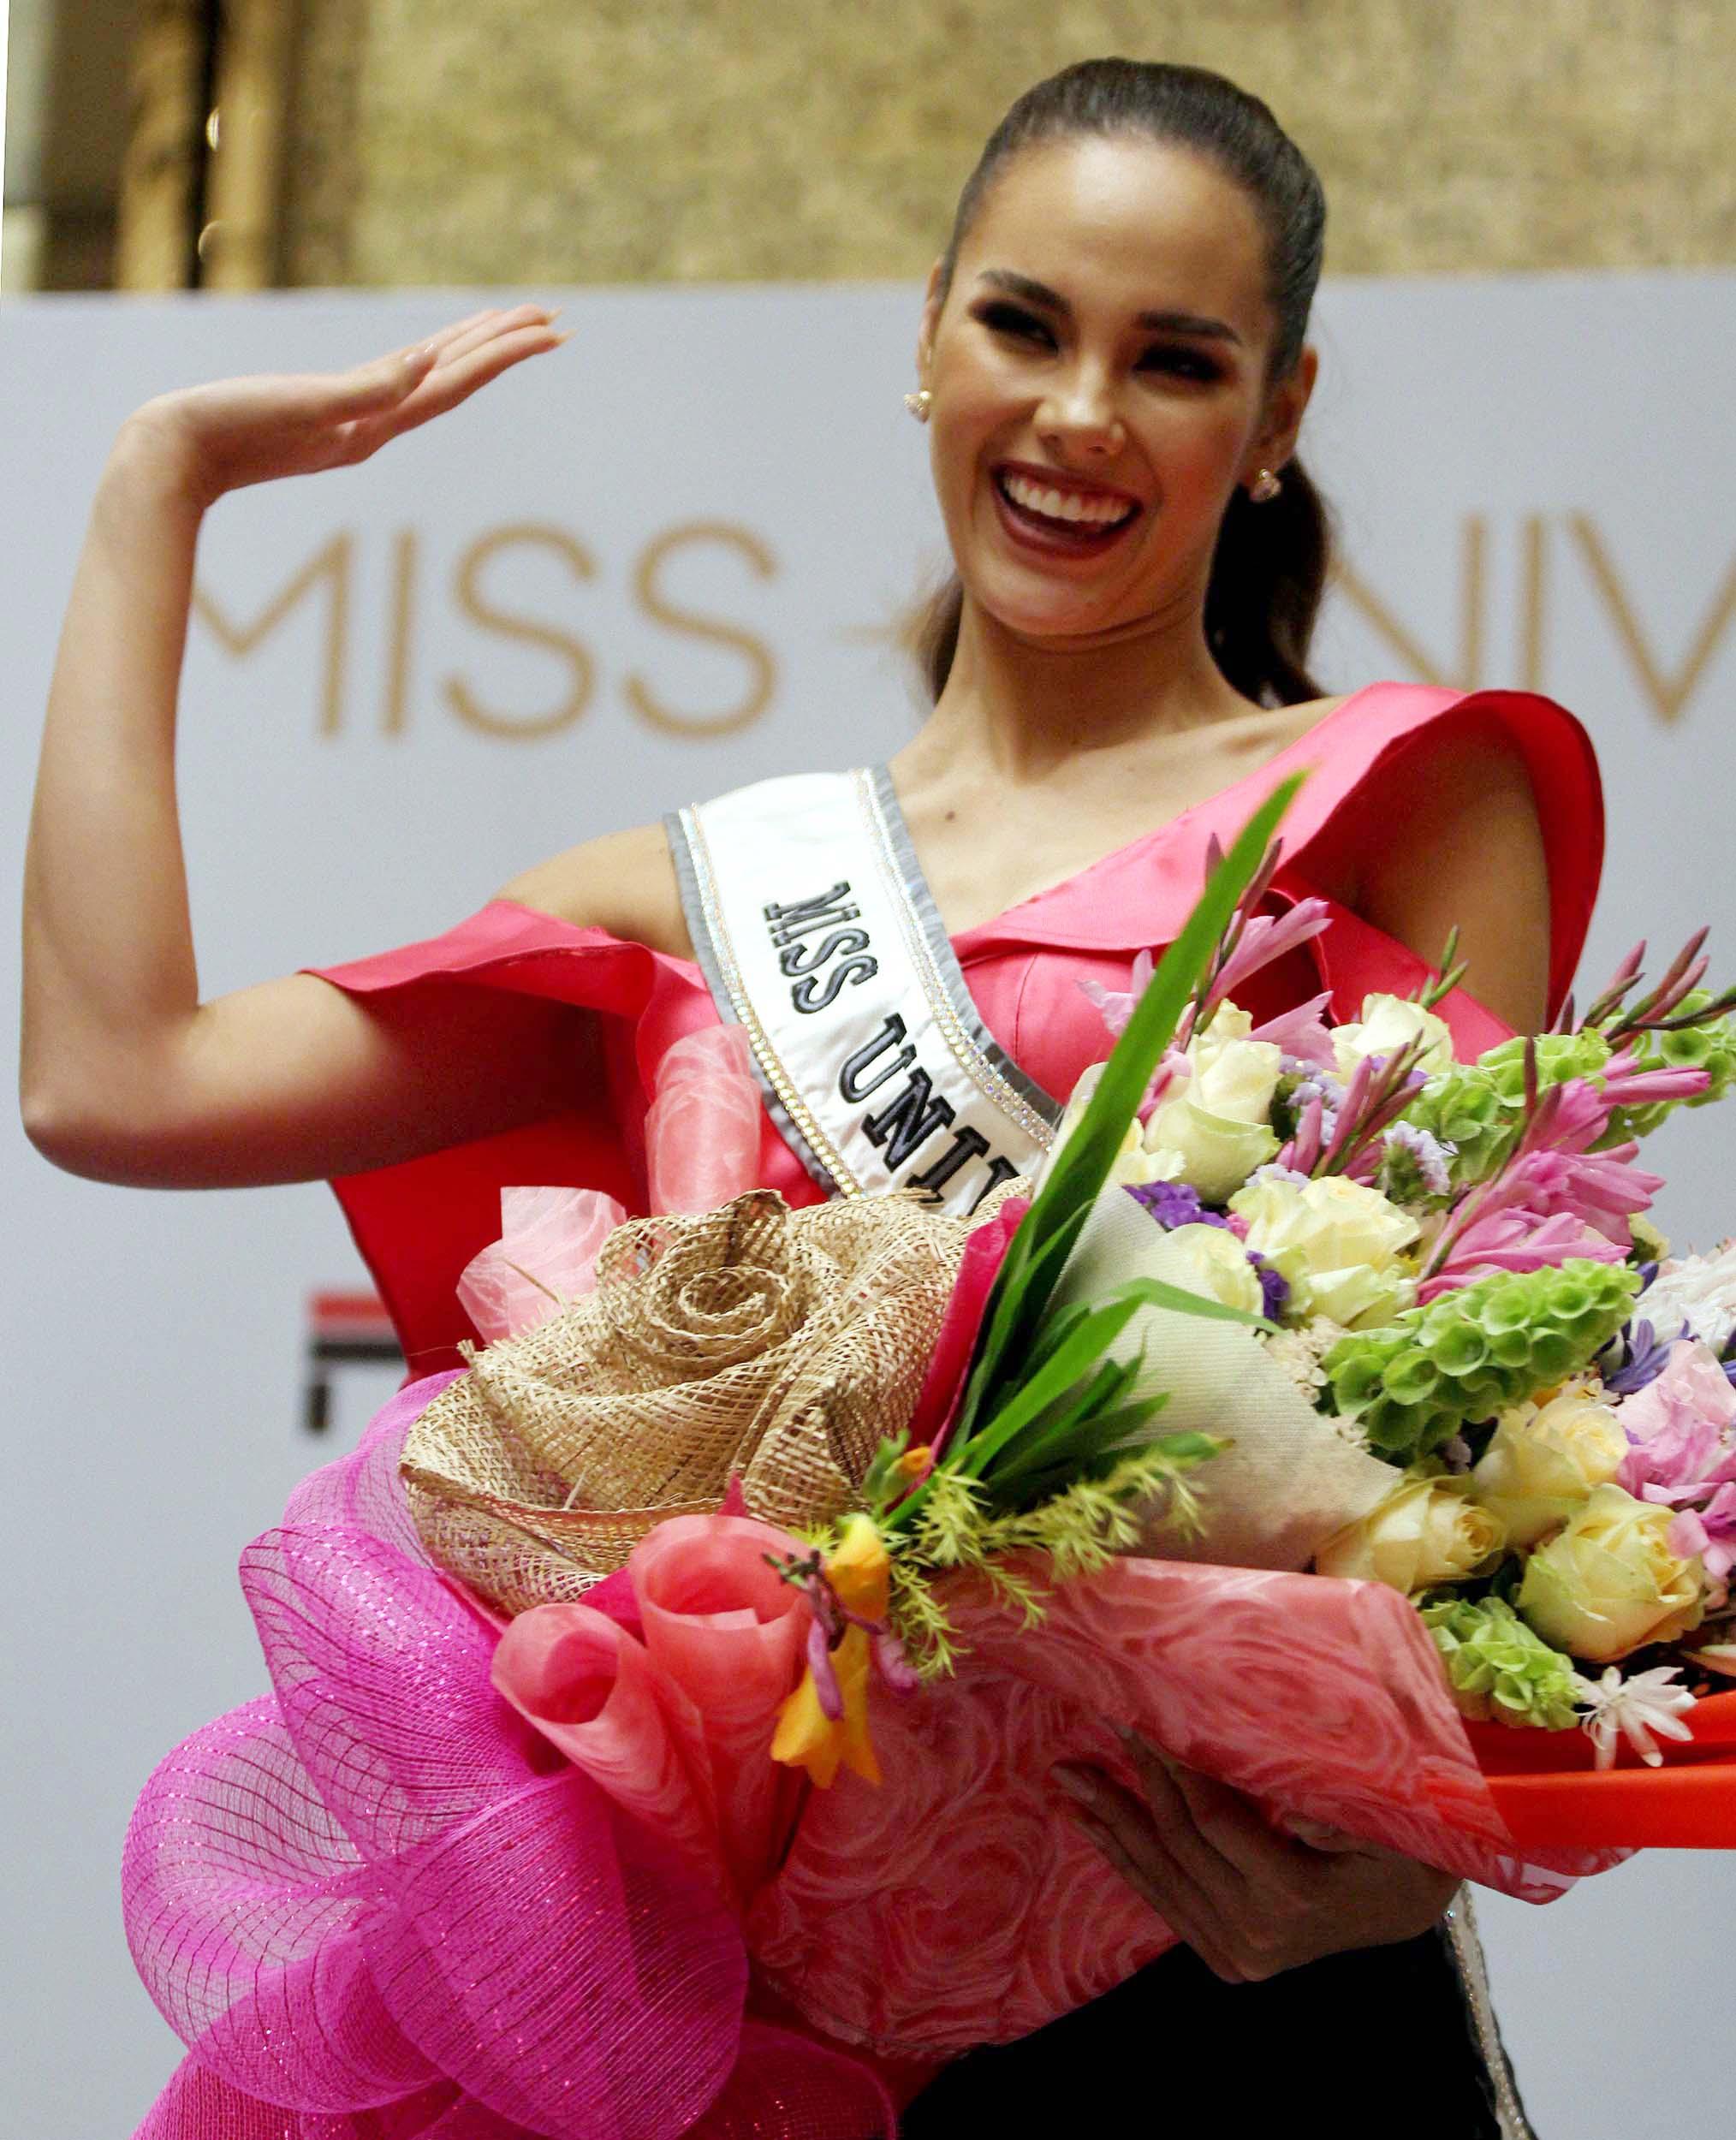 — 2018 Wikipédia Univers Miss PZkuTwOXi